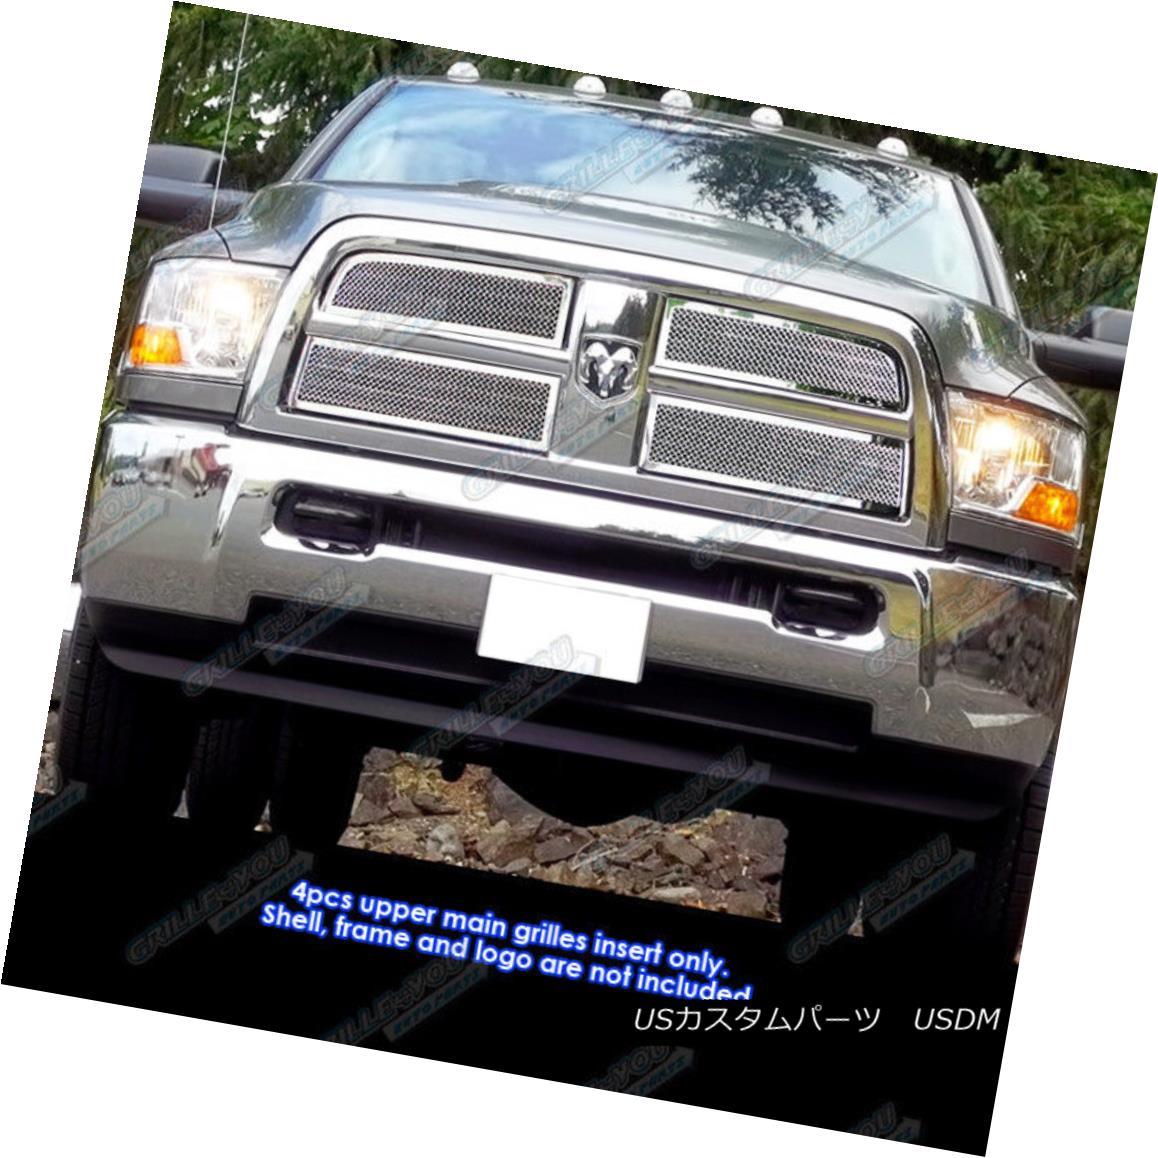 グリル For 2010-2012 Dodge Ram 2500/3500 Stainless Steel Mesh Grille Grill Insert 2010-2012 Dodge Ram 2500/3500ステンレスメッシュグリルグリルインサート用